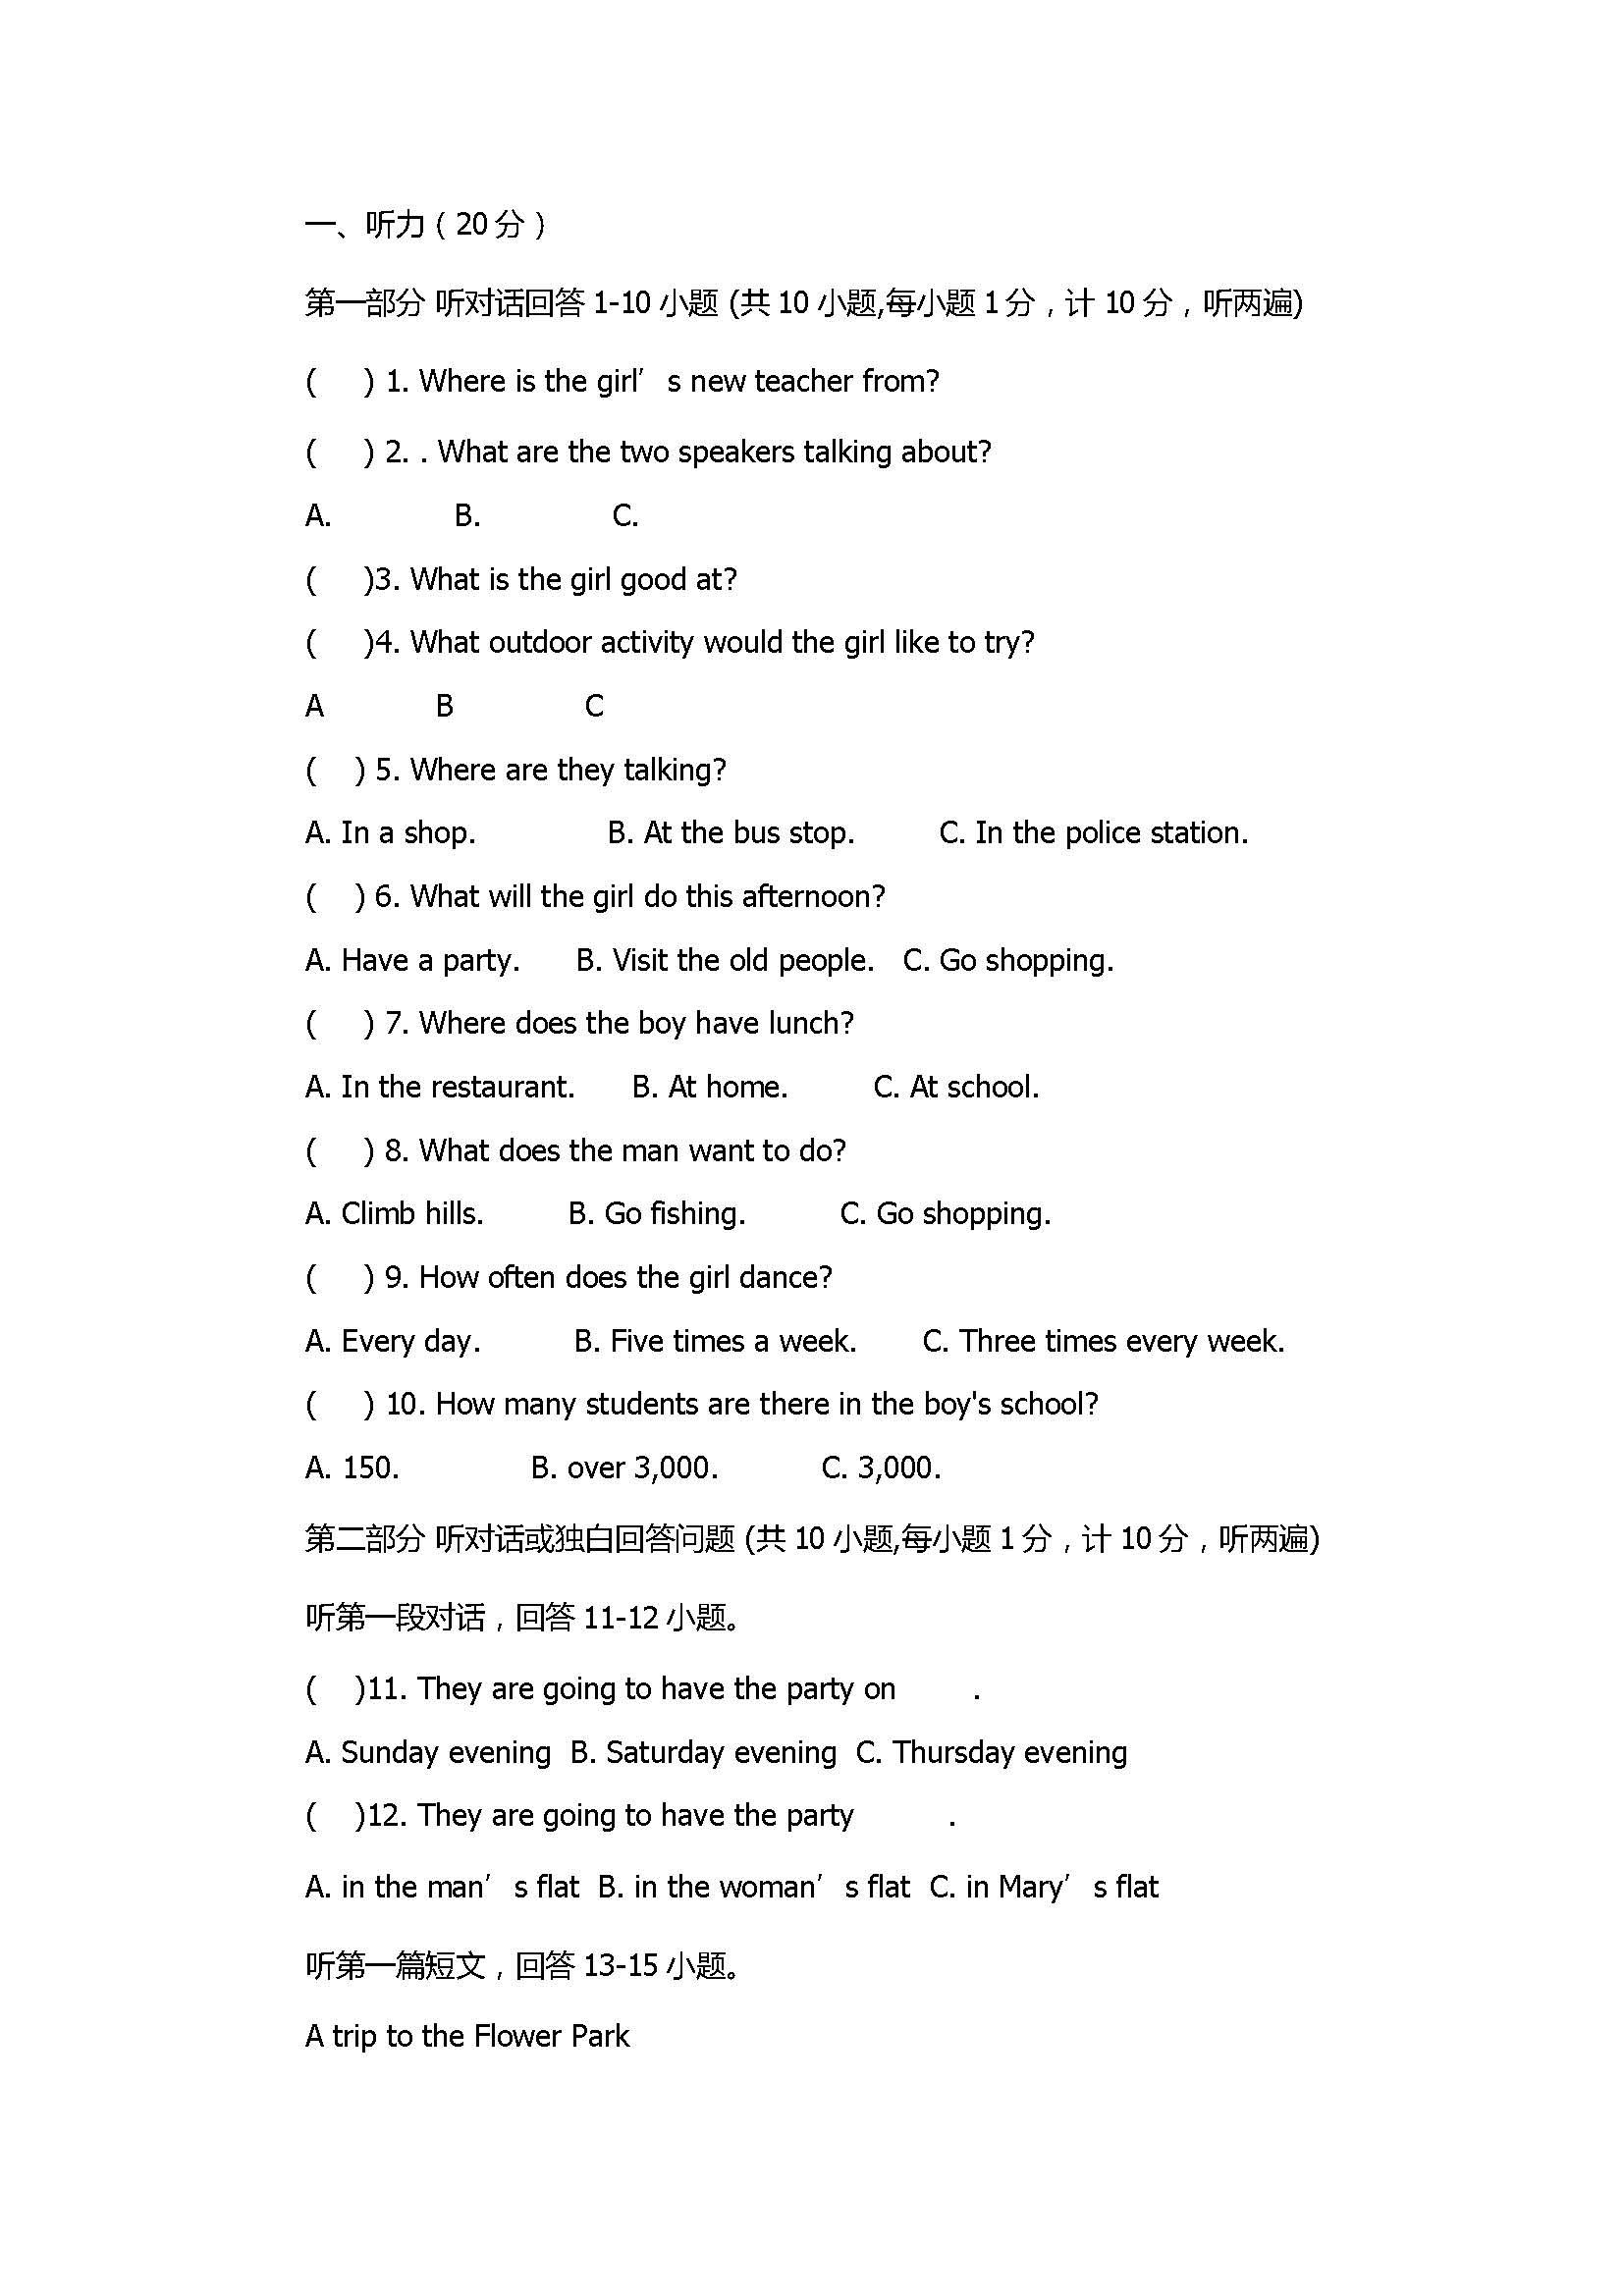 2017七年级英语期末质量检测试卷含参考答案